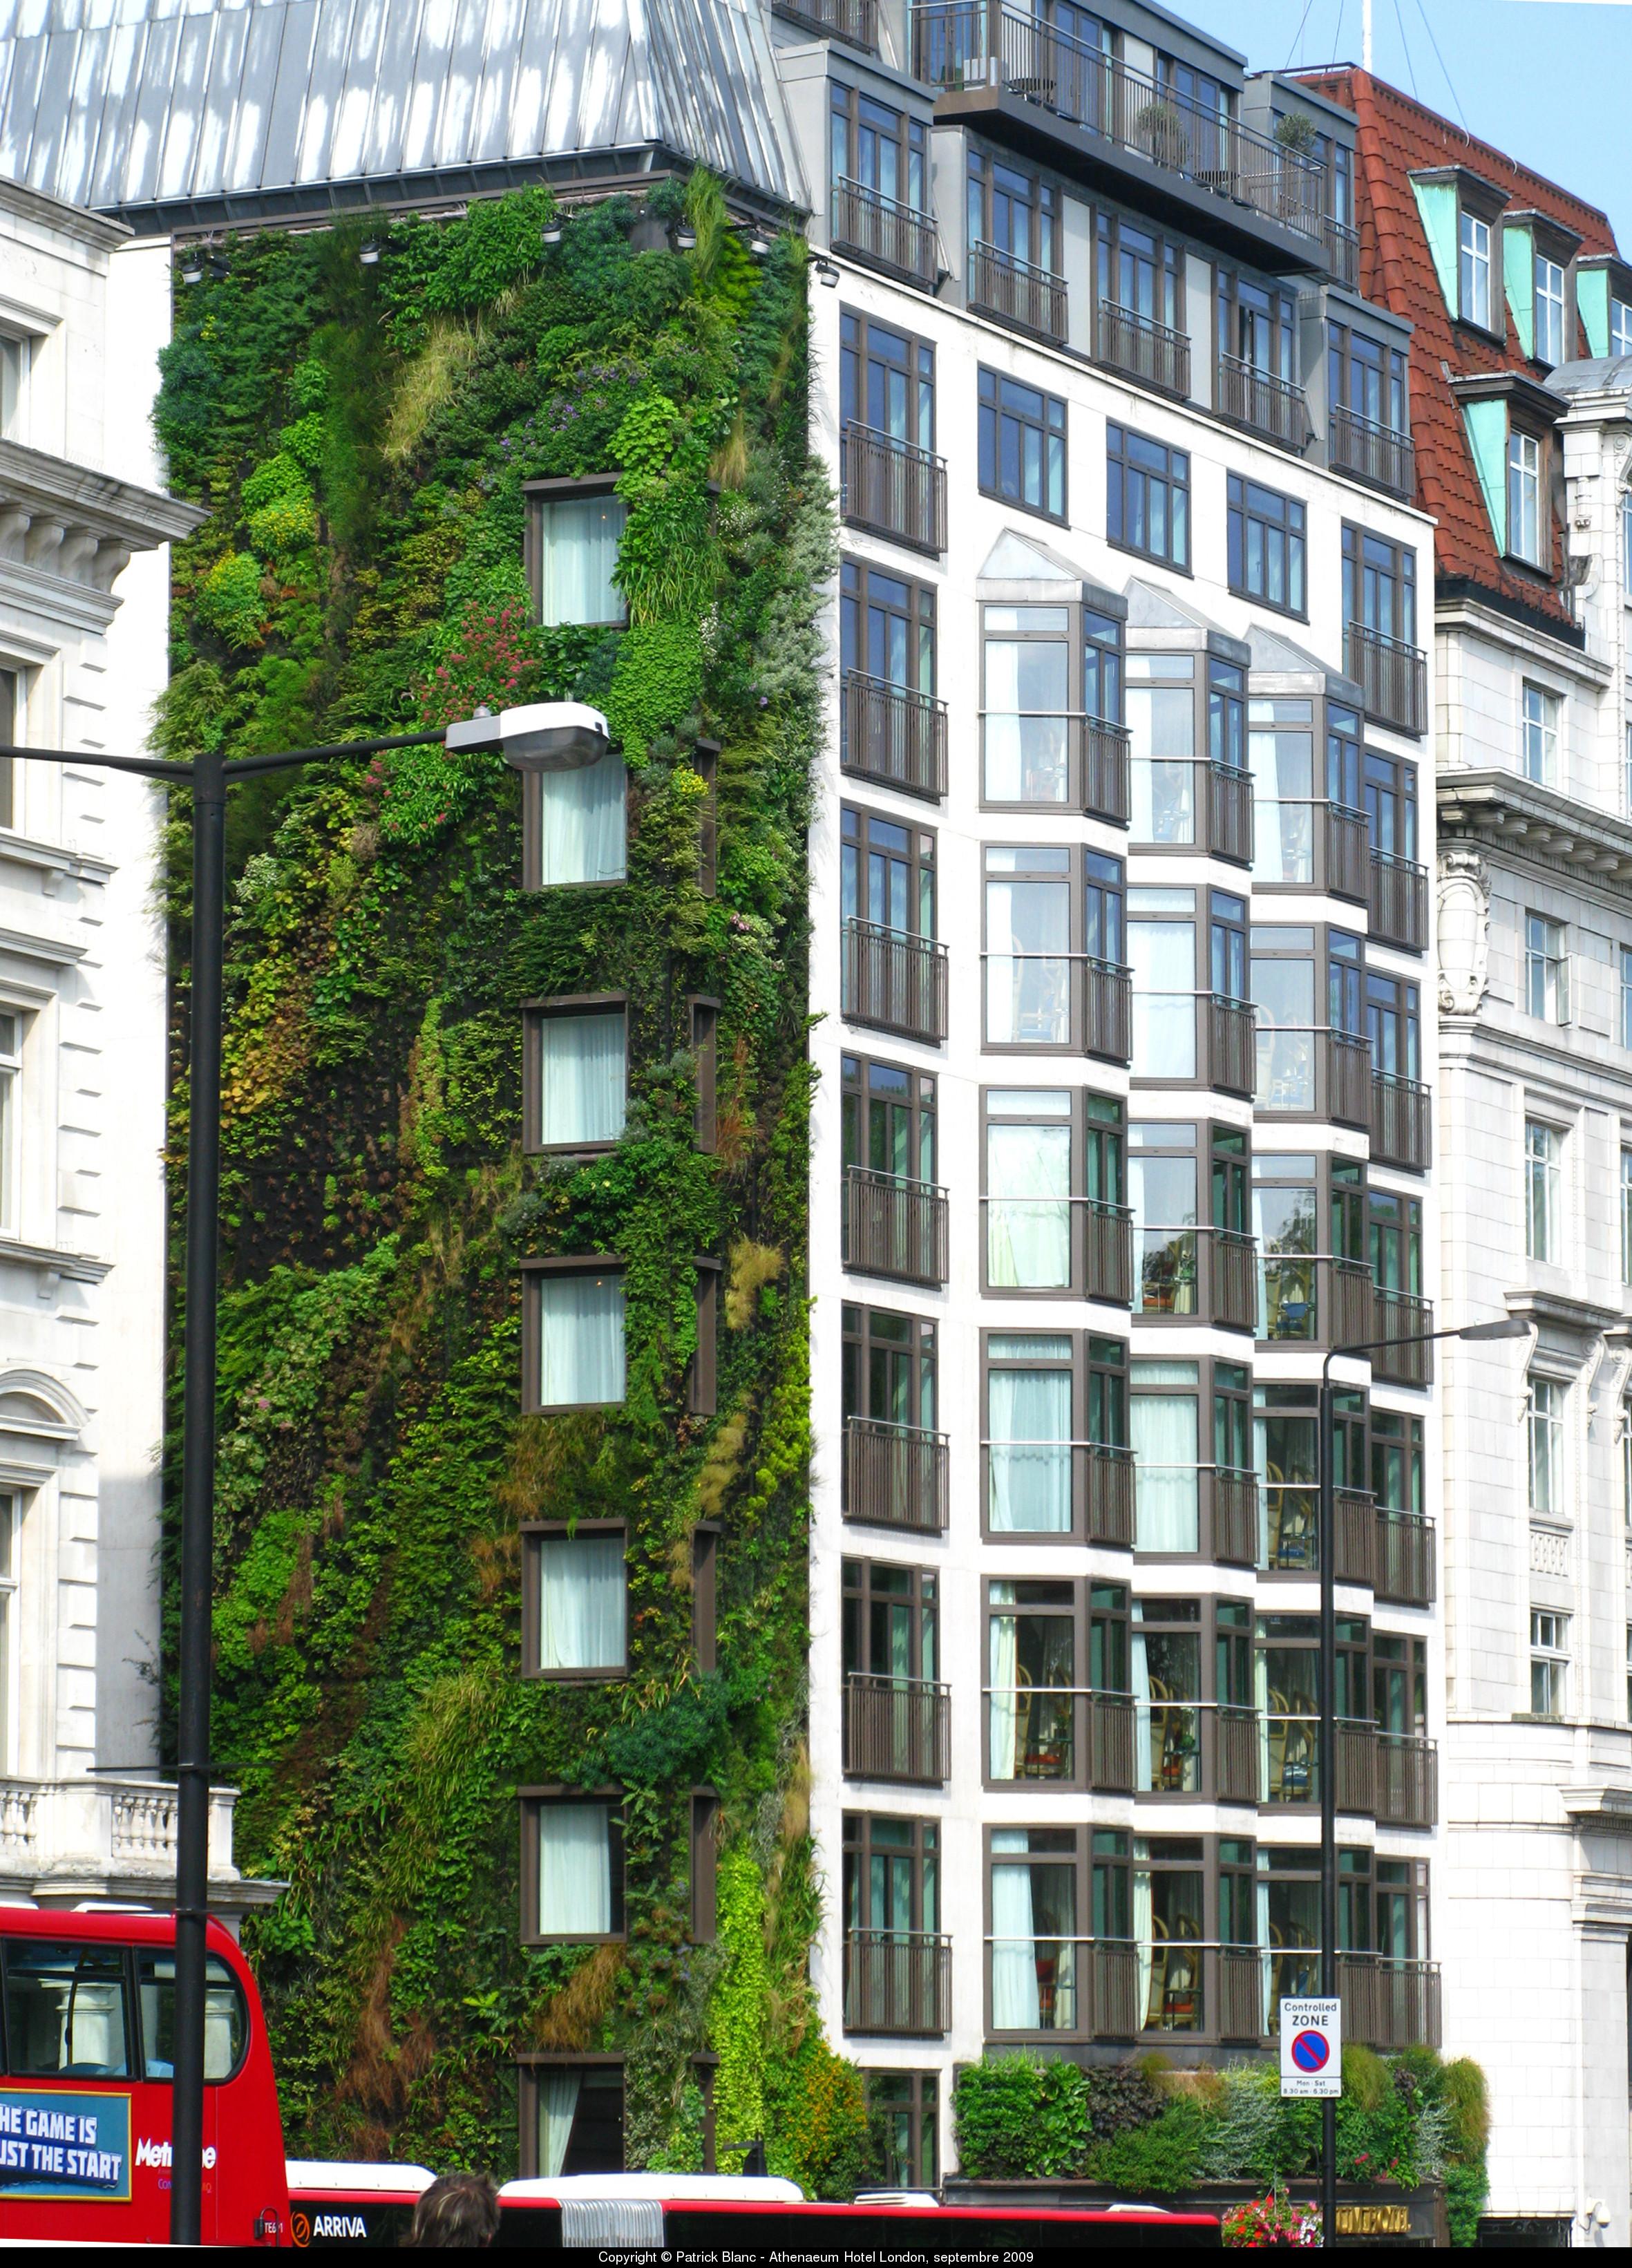 Patrick blanc jardines verticales aryse for Jardines verdes verticales